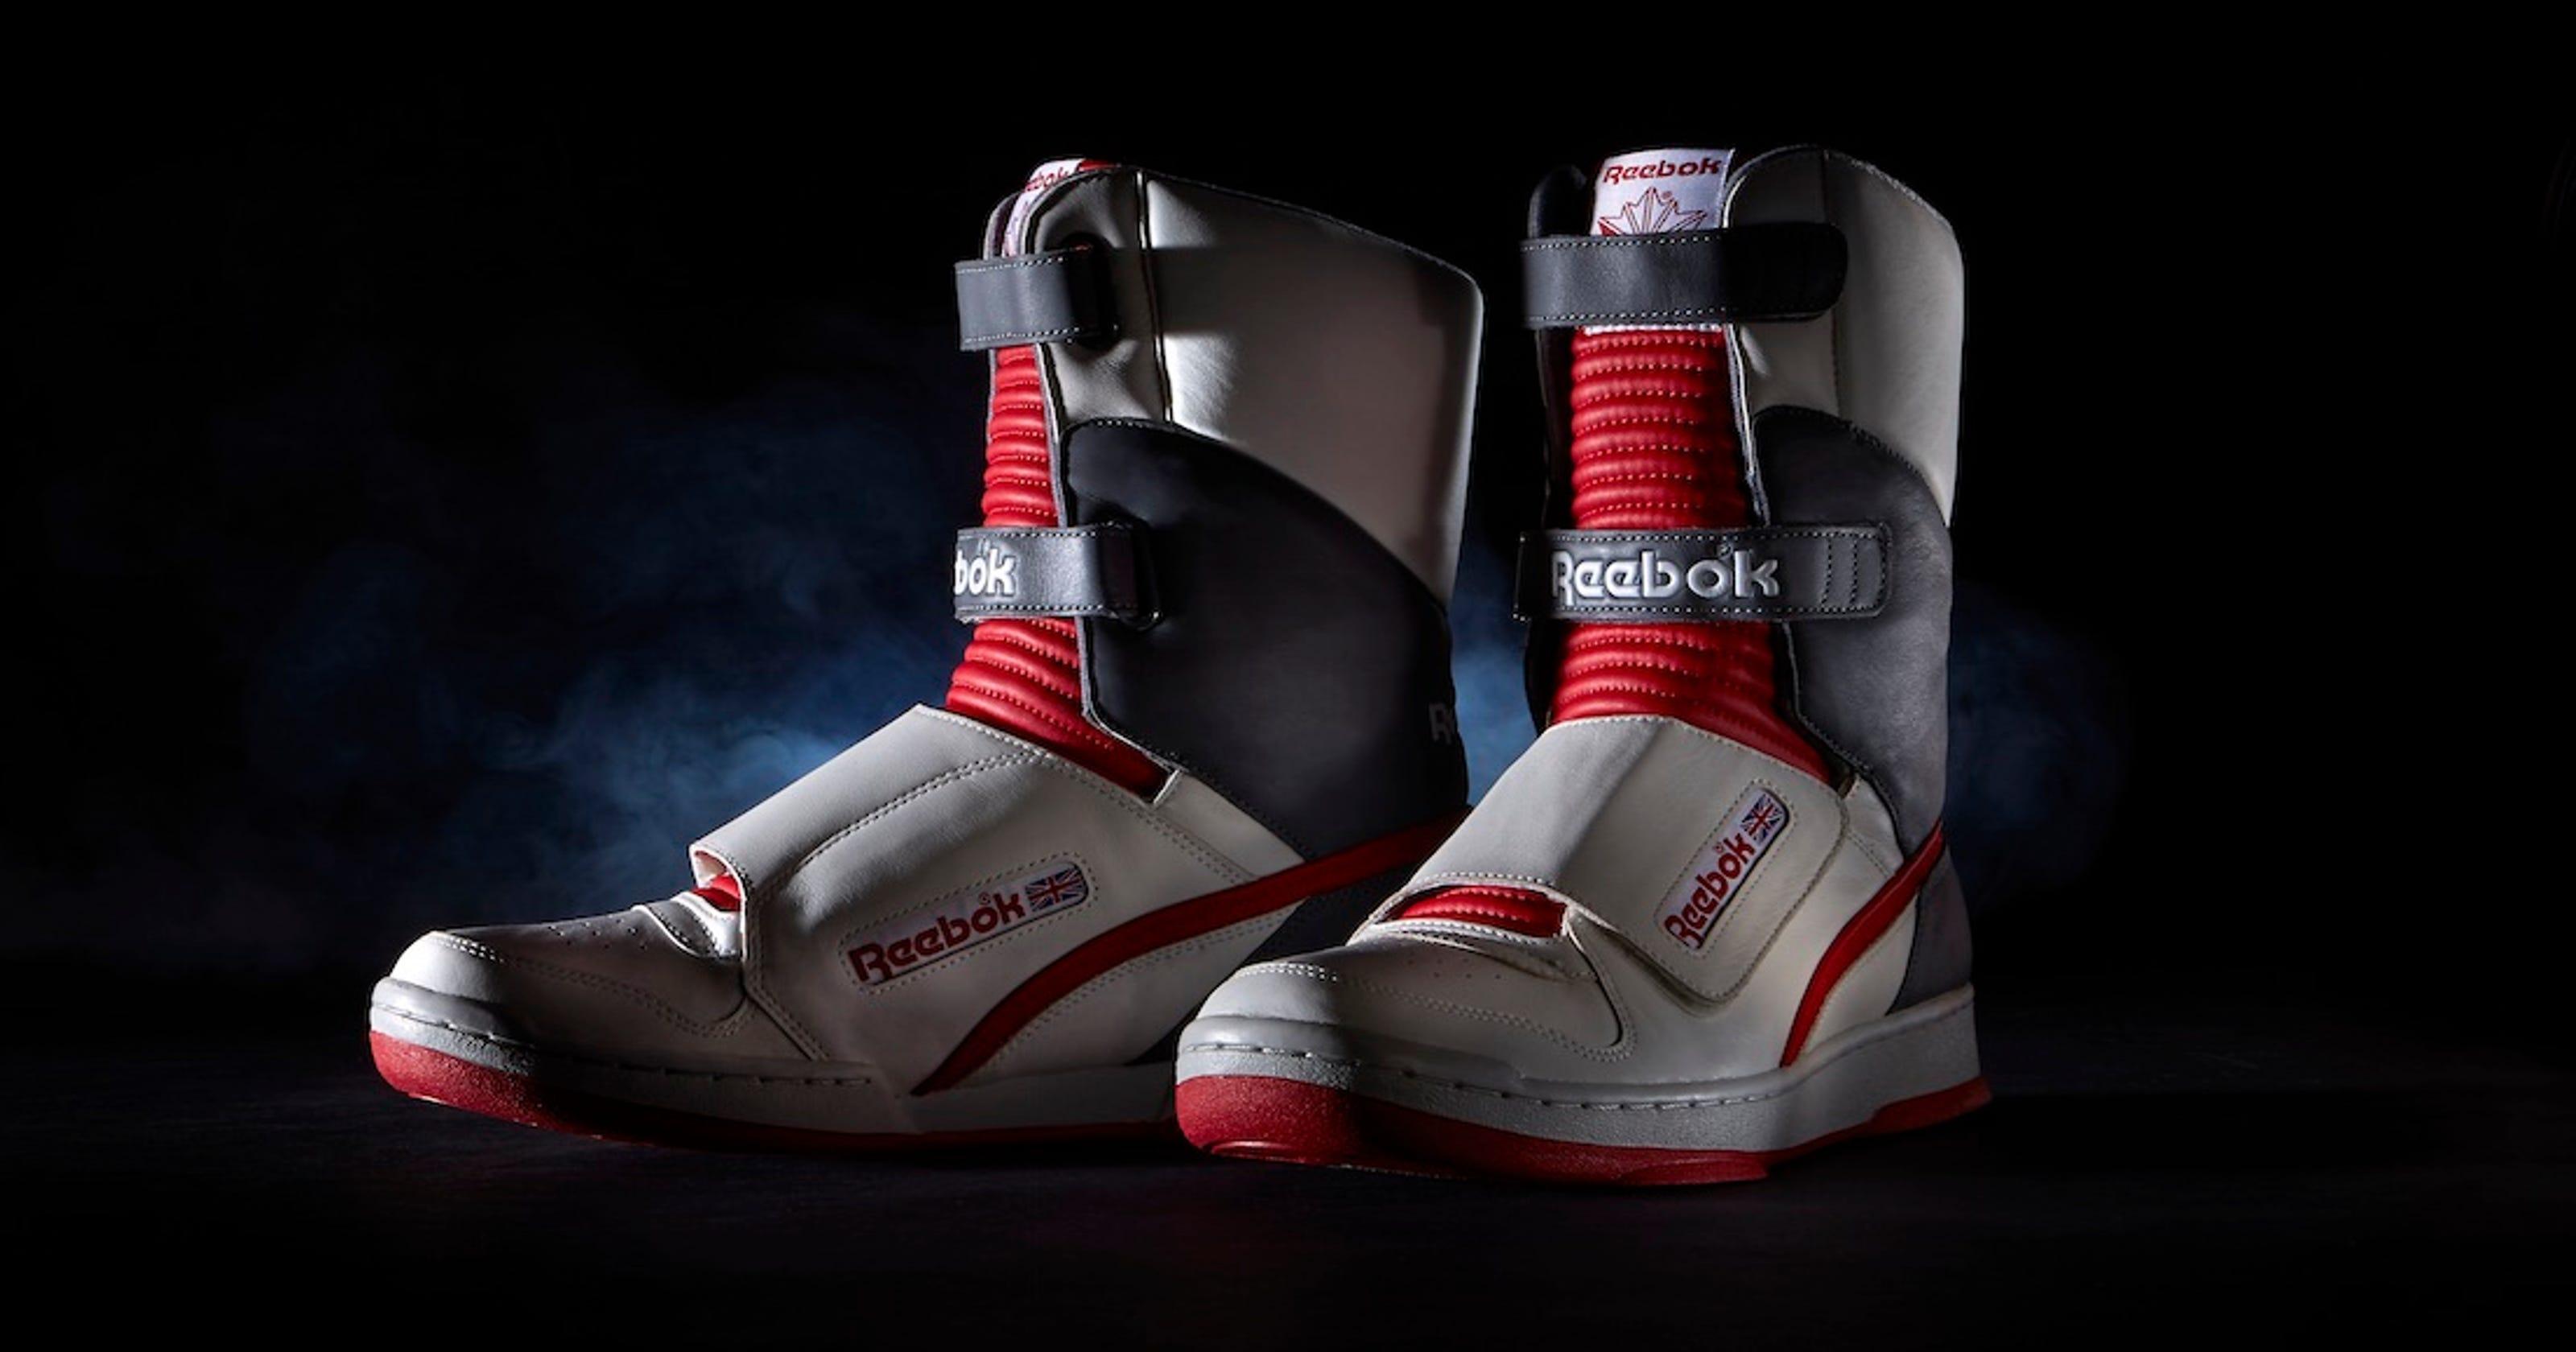 789341c14f8d Reebok faces backlash for Alien Stomper shoes in men sizes